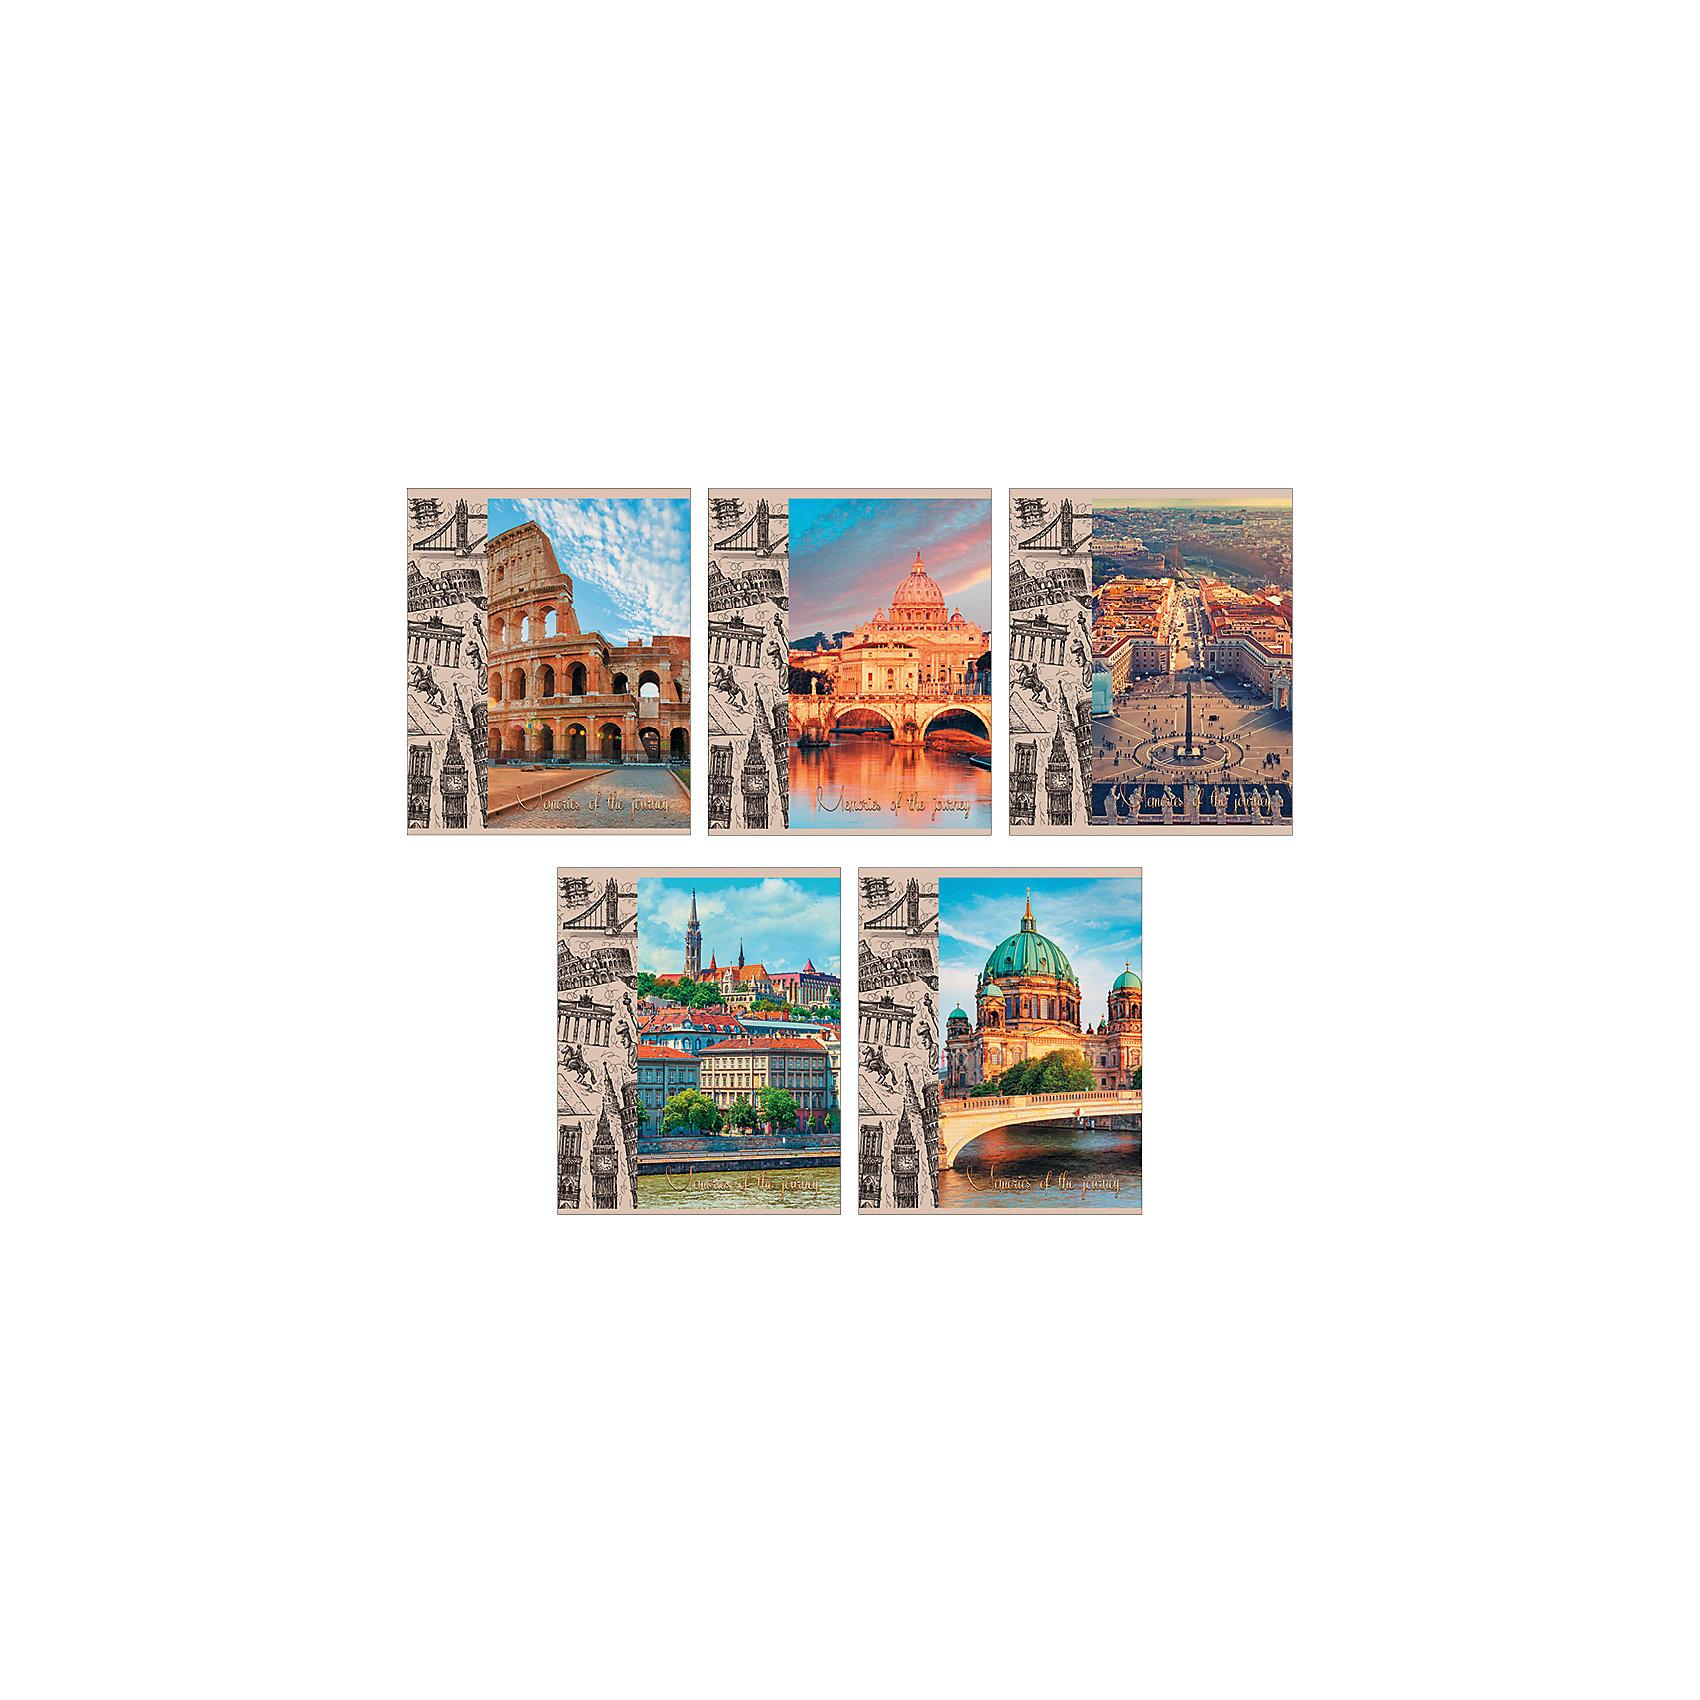 Комплект тетрадей Памятные путешествия (10 шт), 48 листов, Канц-ЭксмоБумажная продукция<br>Характеристики комплекта тетрадей Памятные путешествия:<br><br>• размеры: 20.2х16.3х3.5 см<br>• количество листов: 48 шт.<br>• разлиновка: линейка<br>• формат: А 5 <br>• комплектация: тетрадь<br>• бумага: офсет, плотностью 60 г/м2.<br>• обложка: мелованный картон<br>• бренд: Канц-Эксмо<br>• страна бренда: Россия<br>• страна производителя: Россия<br><br>Комплект тетрадей Памятные путешествия от производителя Канц-Эксмо выполнен в формате А5. Количество листов 48, тетради в линейку с полями. Крепление: скрепка. Обложка у изделий плотная - мелованный картон, выборочный лак <br><br>Комплект тетрадей Памятные путешествия от производителя Канц-Эксмо можно купить в нашем интернет-магазине.<br><br>Ширина мм: 202<br>Глубина мм: 165<br>Высота мм: 40<br>Вес г: 103<br>Возраст от месяцев: 72<br>Возраст до месяцев: 2147483647<br>Пол: Унисекс<br>Возраст: Детский<br>SKU: 5448414